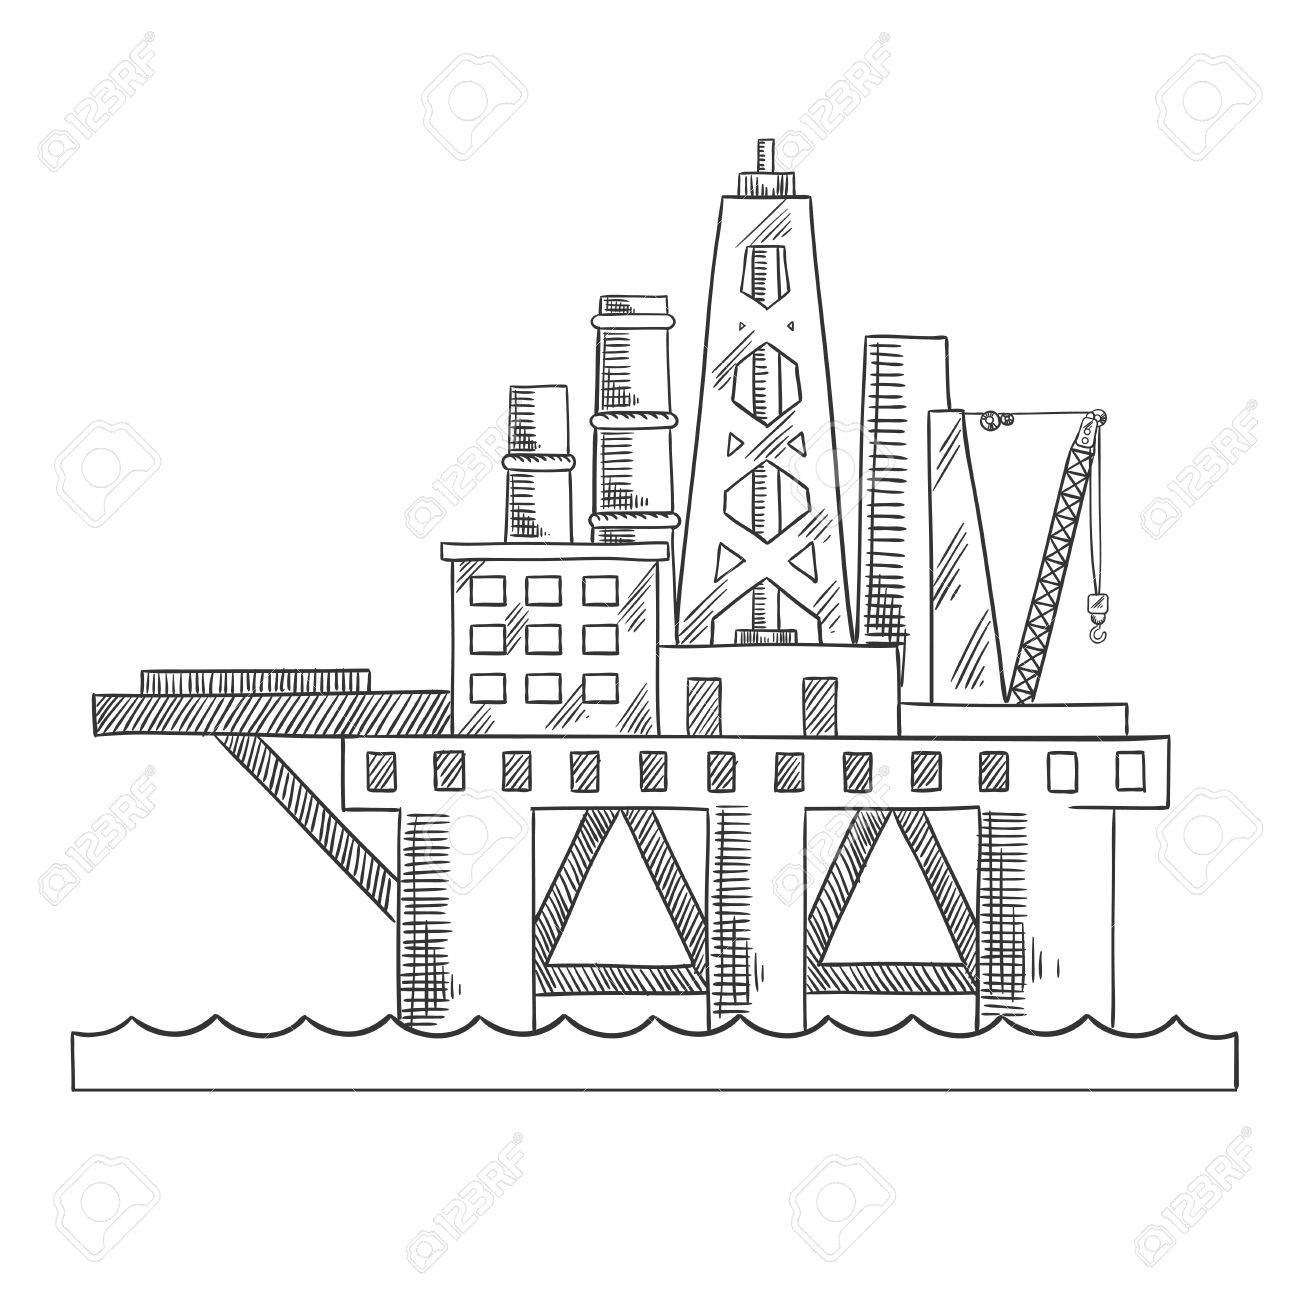 Drilling Rig Drawing At Getdrawings